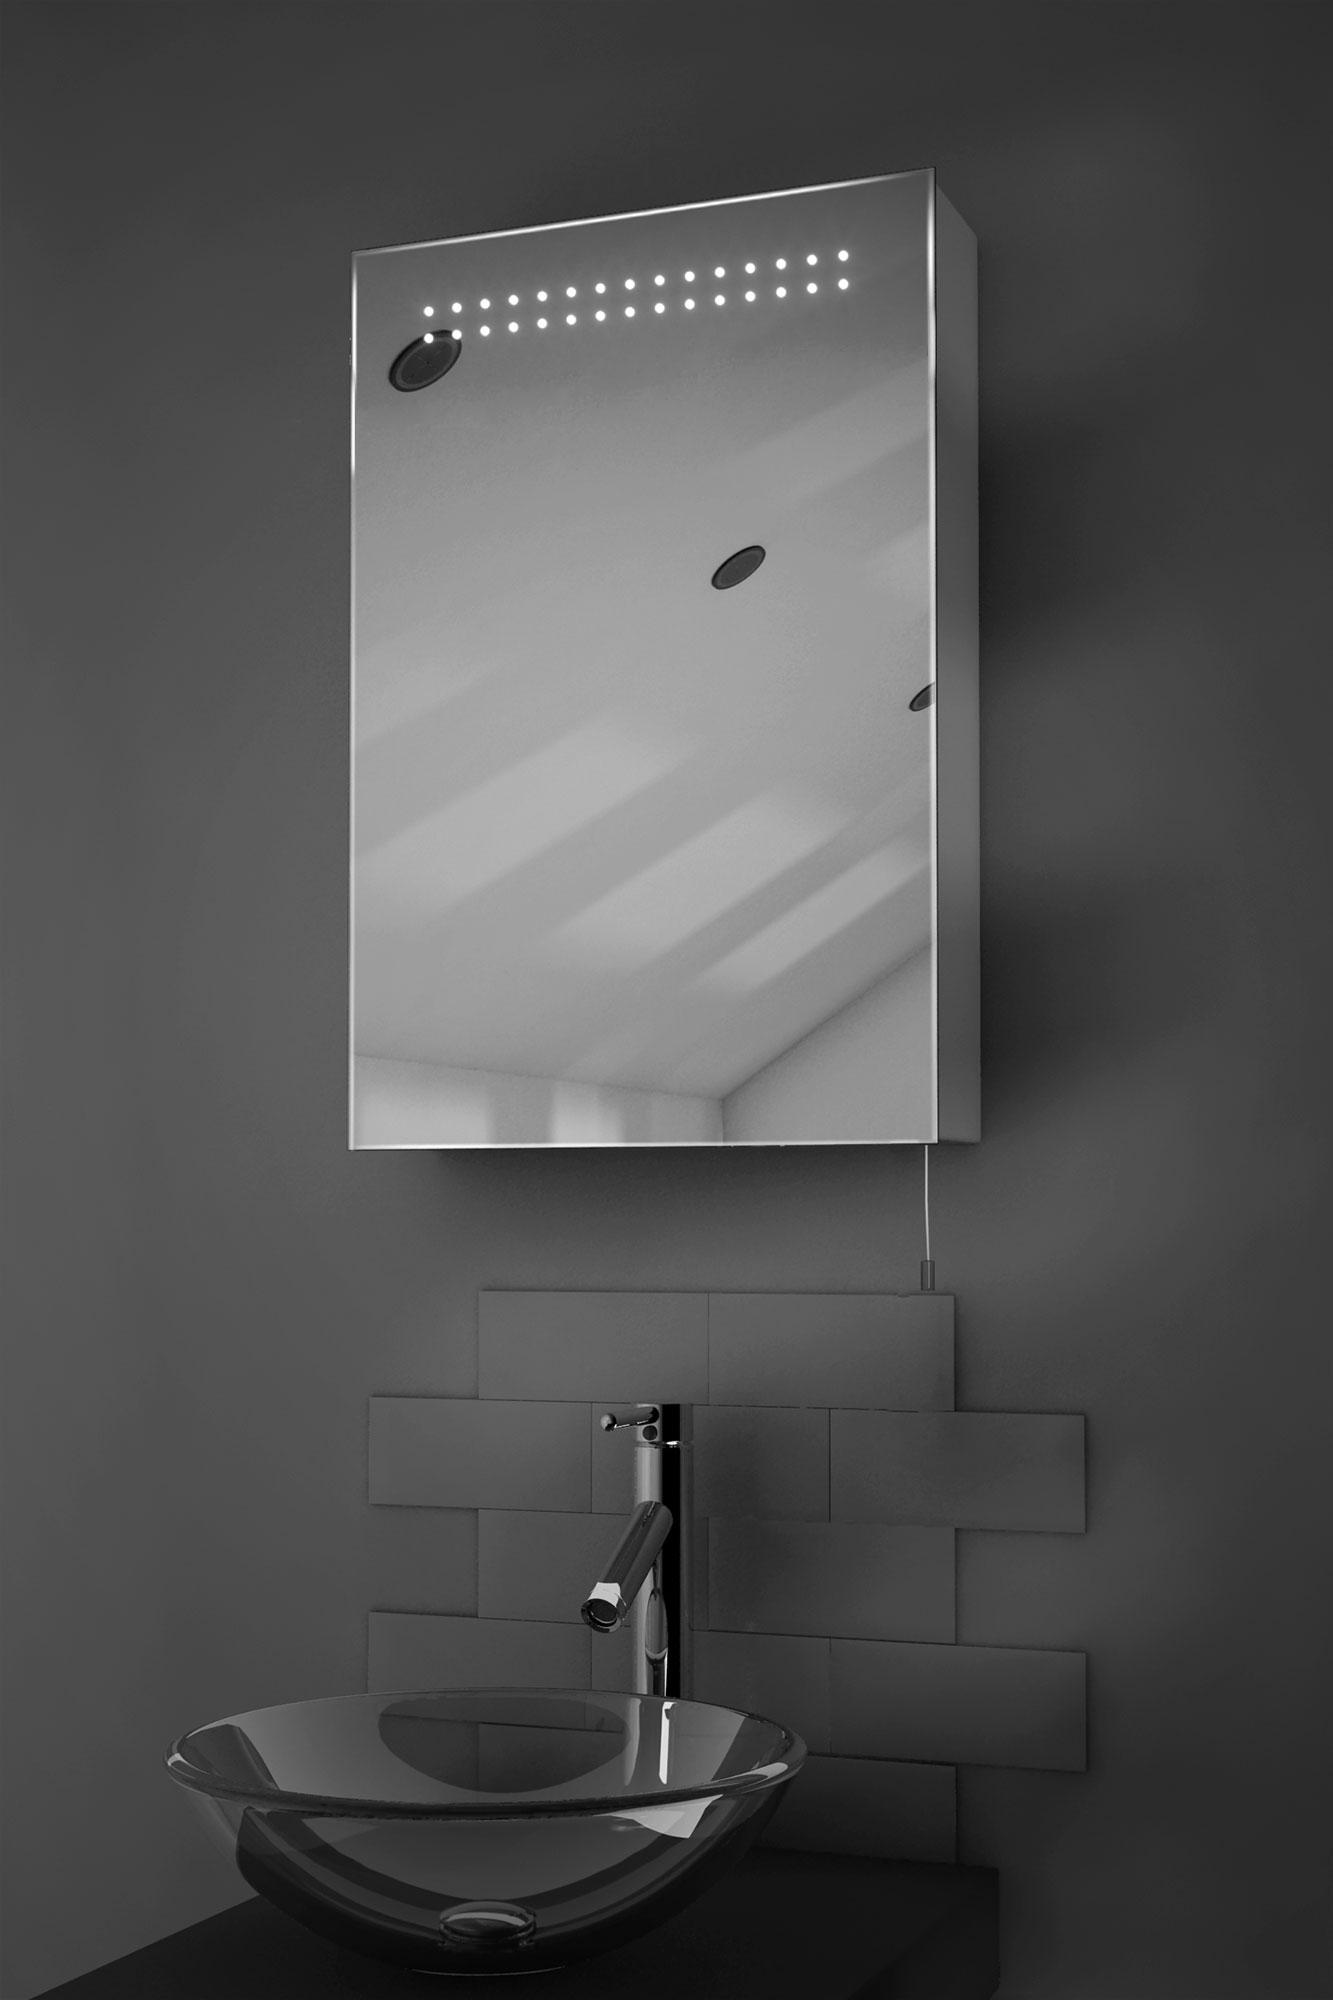 Bathroom Mirrors Illuminated: Sheva LED Illuminated Battery Bathroom Mirror Cabinet With